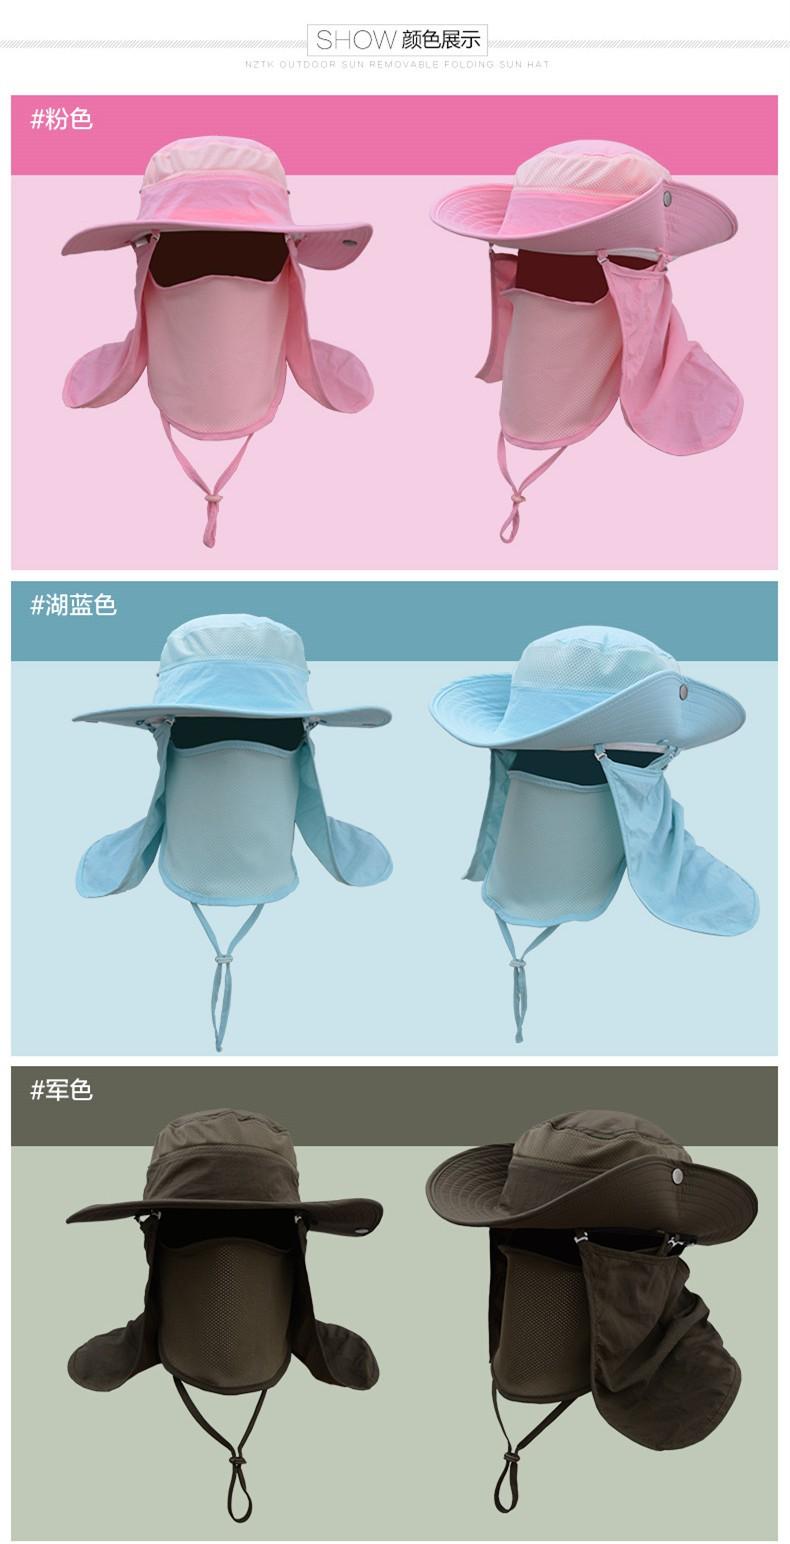 Size  19 cm diameter 20 cm wide brim hat 15 cm deep mask 15 cm shawls long  34 cm. This sunscreen cap for all code d5129ec5535d